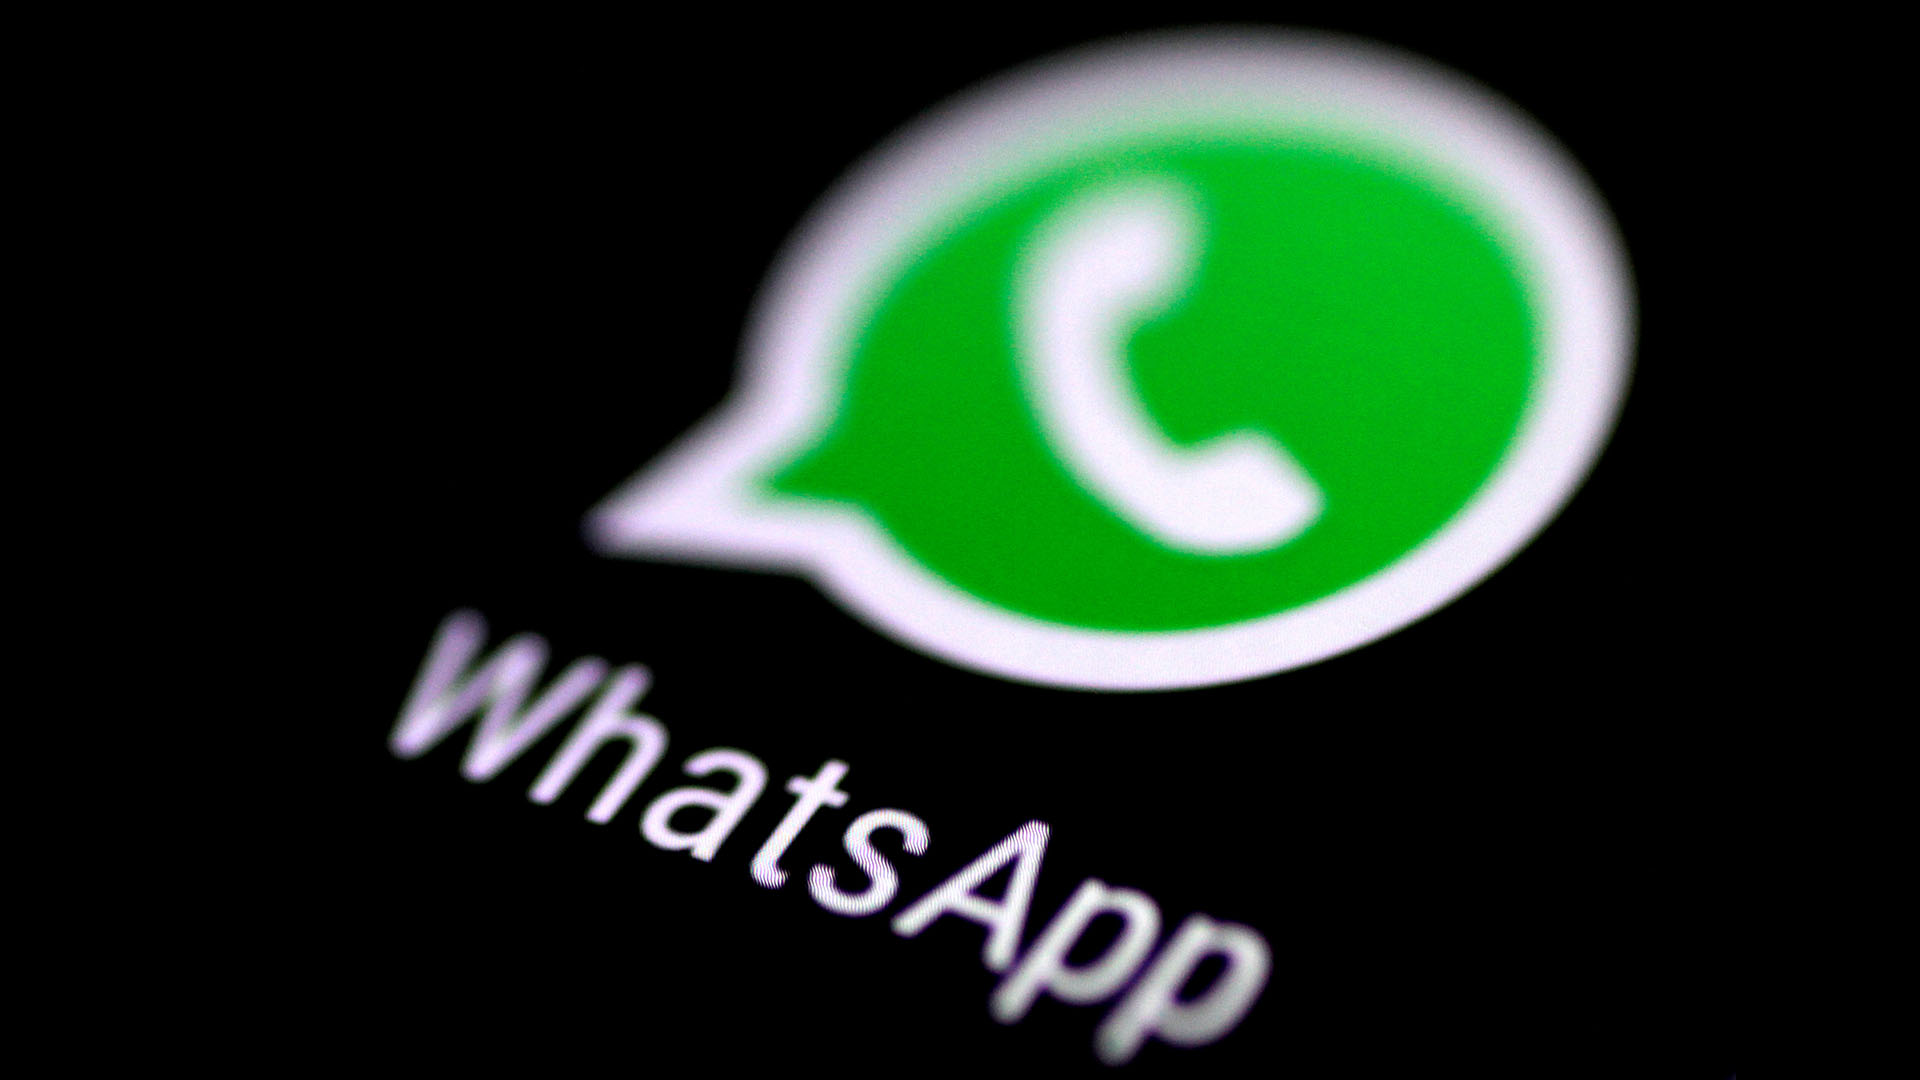 WhatsAppinstó a los usuarios a actualizar la plataforma para protegerse ante la vulnerabilidad reportada ayer(REUTERS/Thomas )White